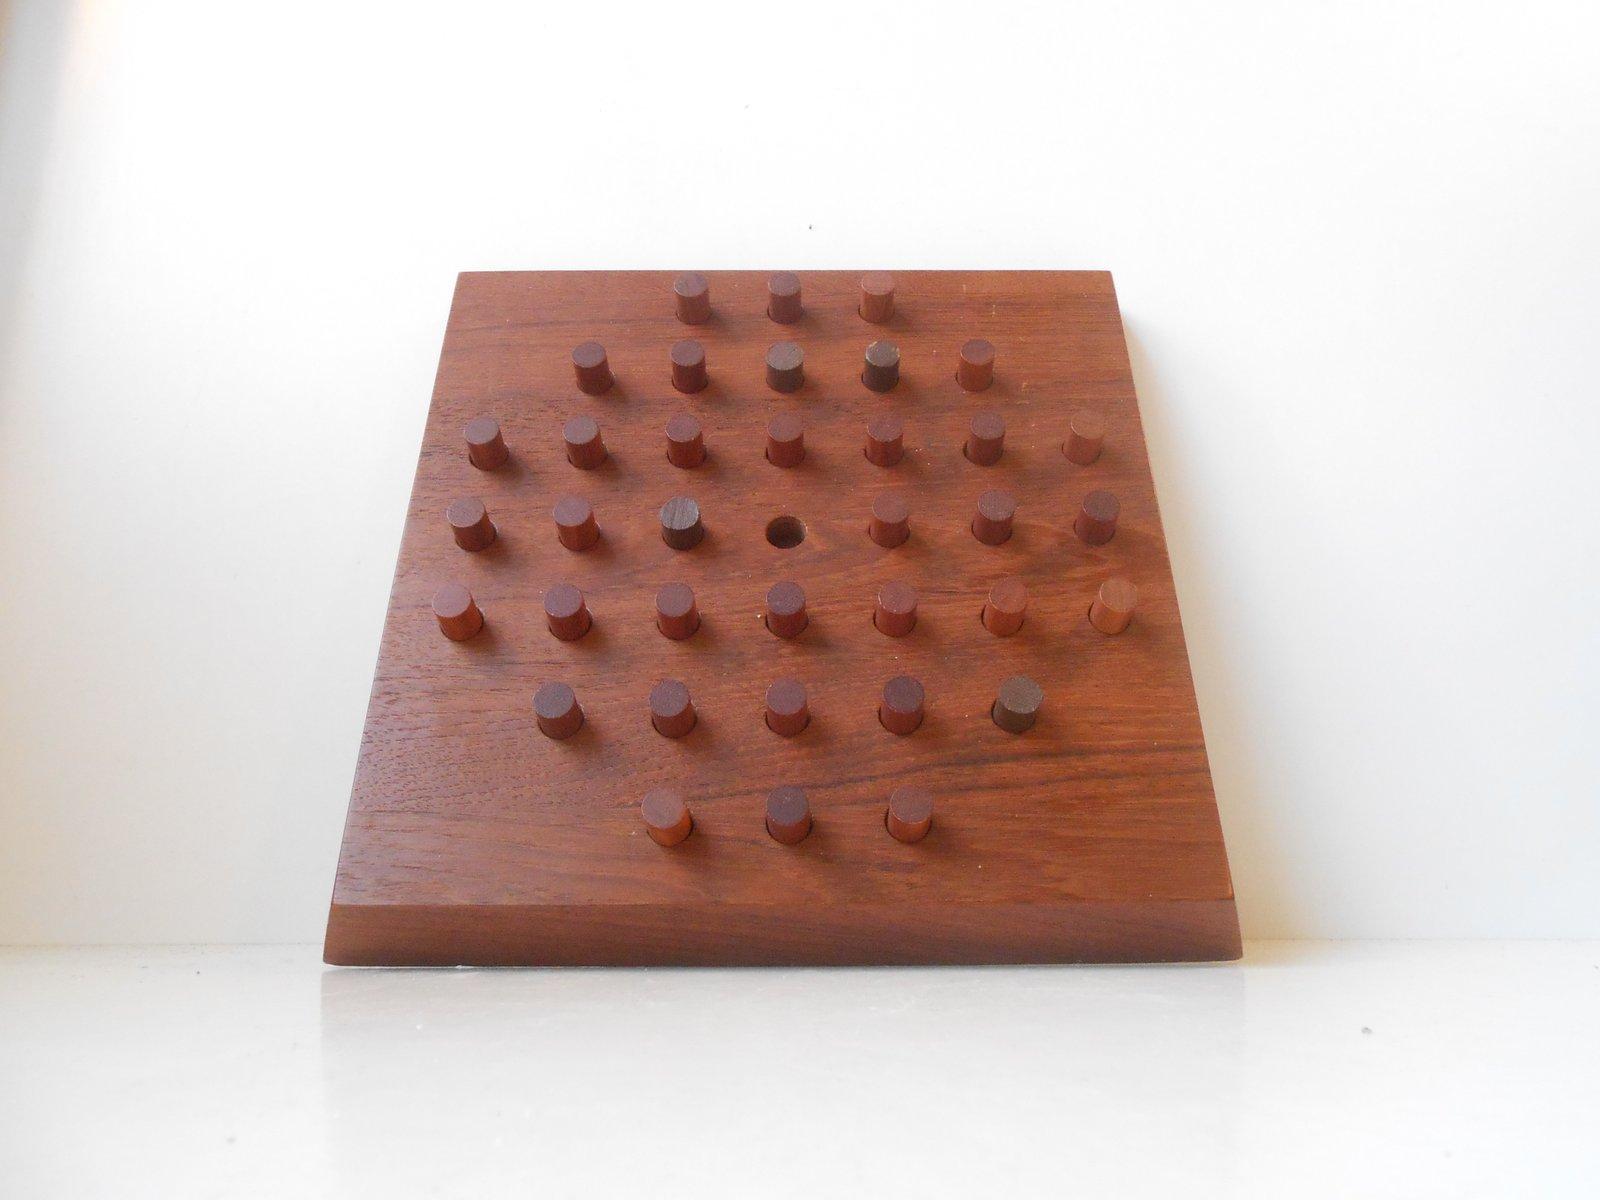 Solitaire Brettspiel aus Teakholz von Piet Hein für Skjode Denmark